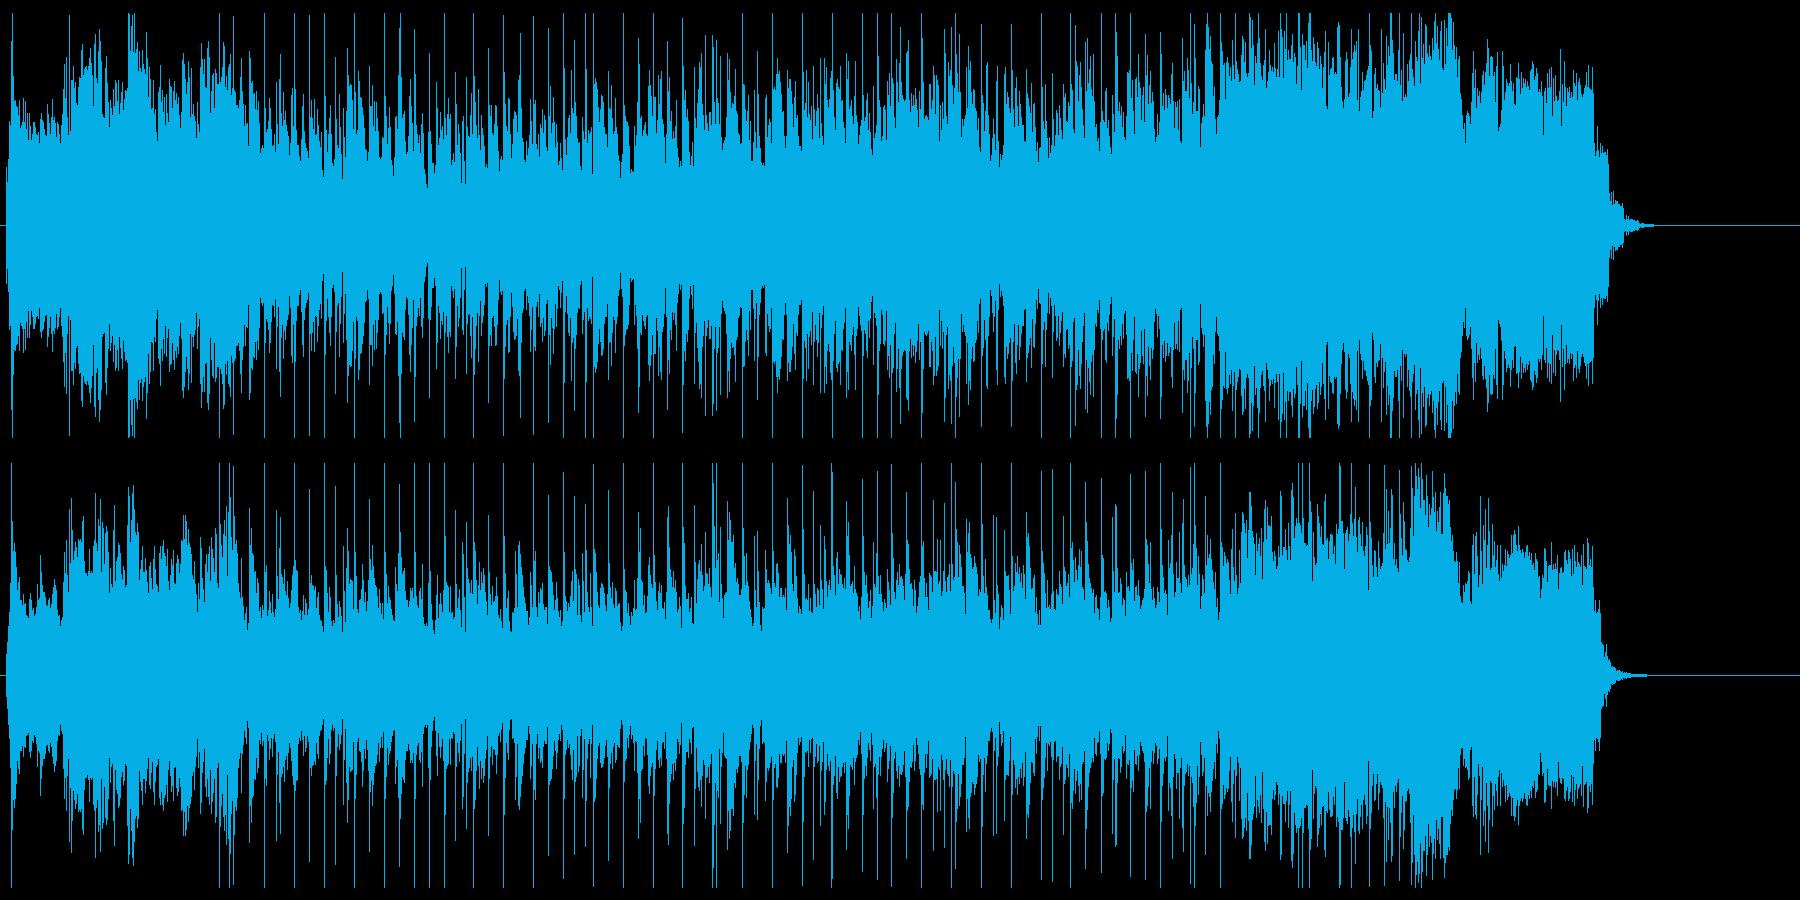 軽快 さわやか 前進 充実 情報 目覚めの再生済みの波形